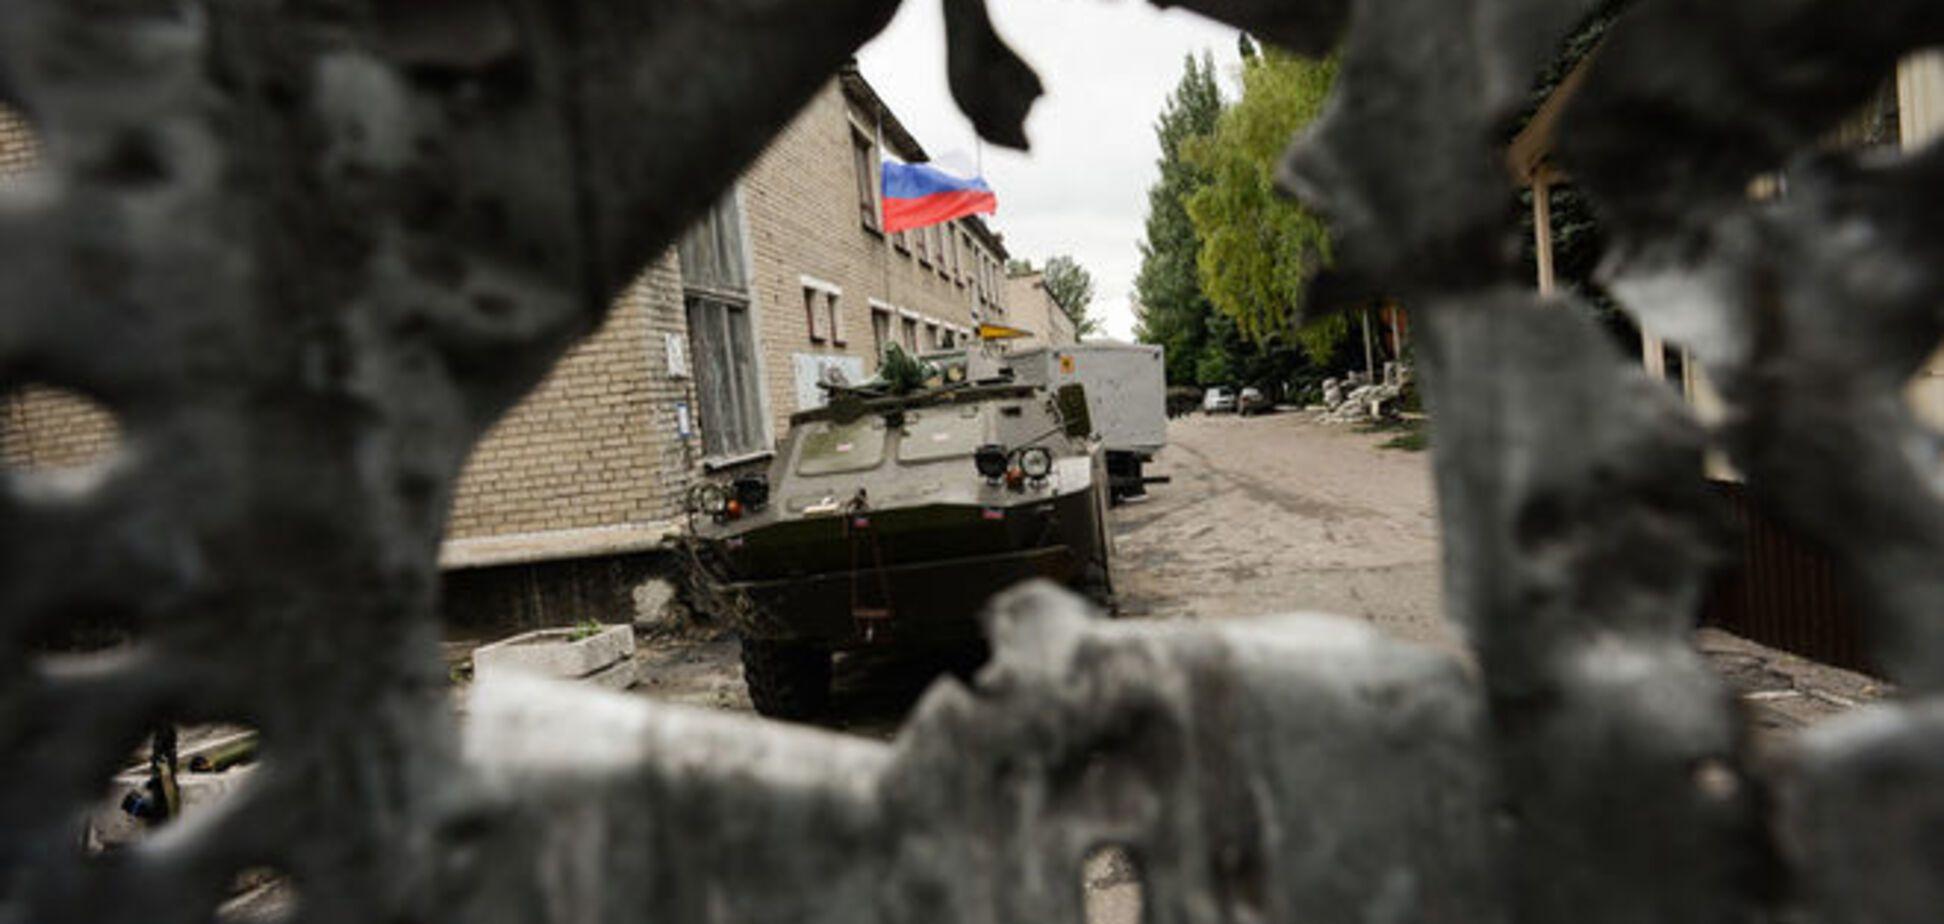 СБУ задержала главаря террористов во время подготовки теракта на Запорожье